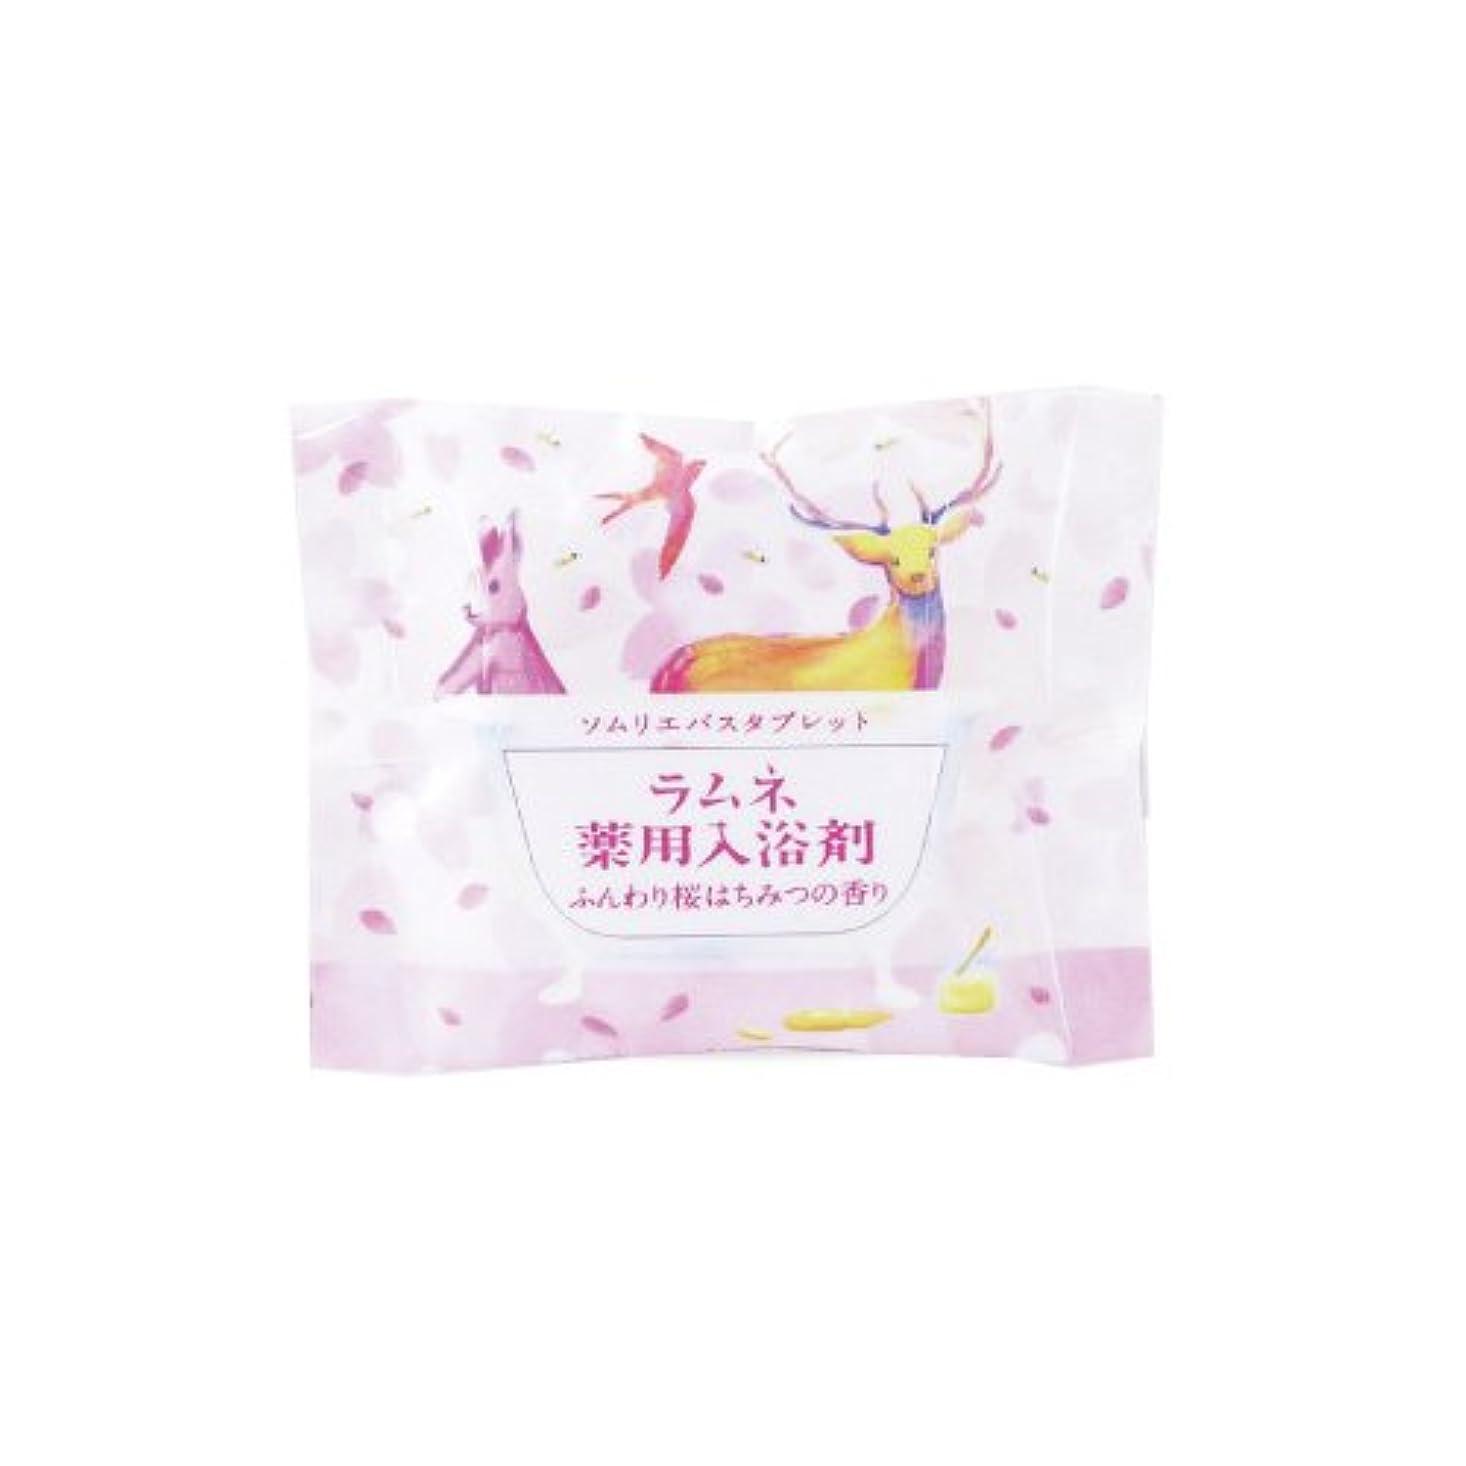 兵隊ピザサポートチャーリー ソムリエバスタブレット ふんわり桜はちみつの香り